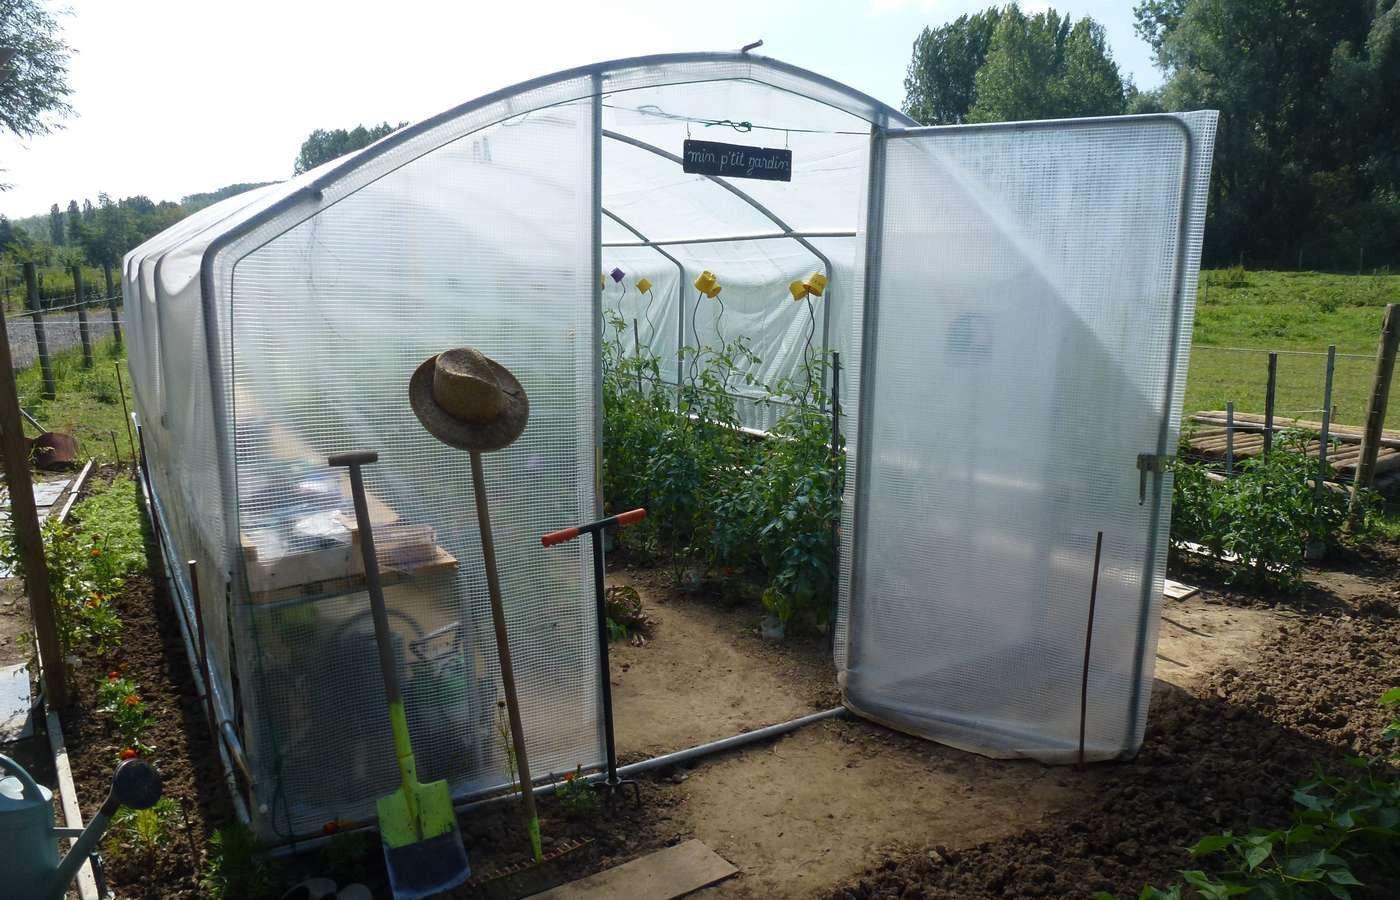 Serre De Jardin 4 Saisons 13 5m2 Kit Manivelles Decouvrez Des Maintenant Toutes Nos Serre De Jardin A Petits Prix Lekingstore Serre Jardin Jardins Serre